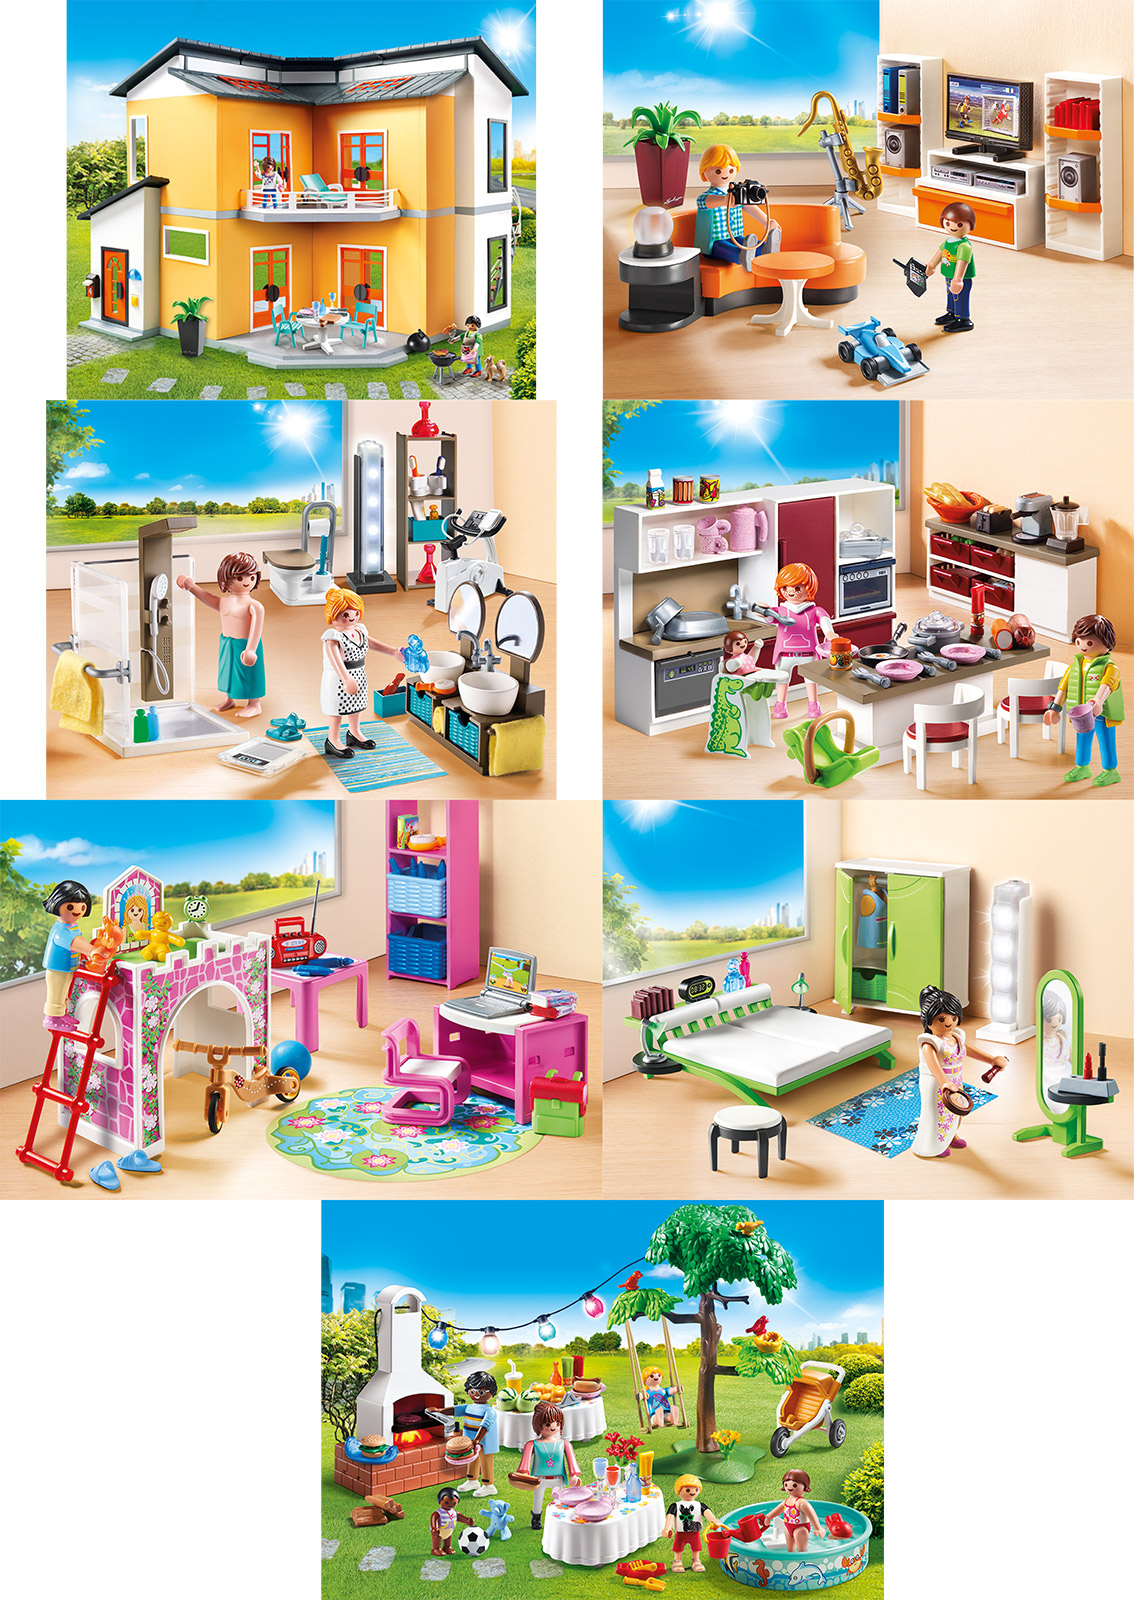 Playmobil 2017 Wohnhaus Wohnzimmer Bad Küche Kinderzimmer ...